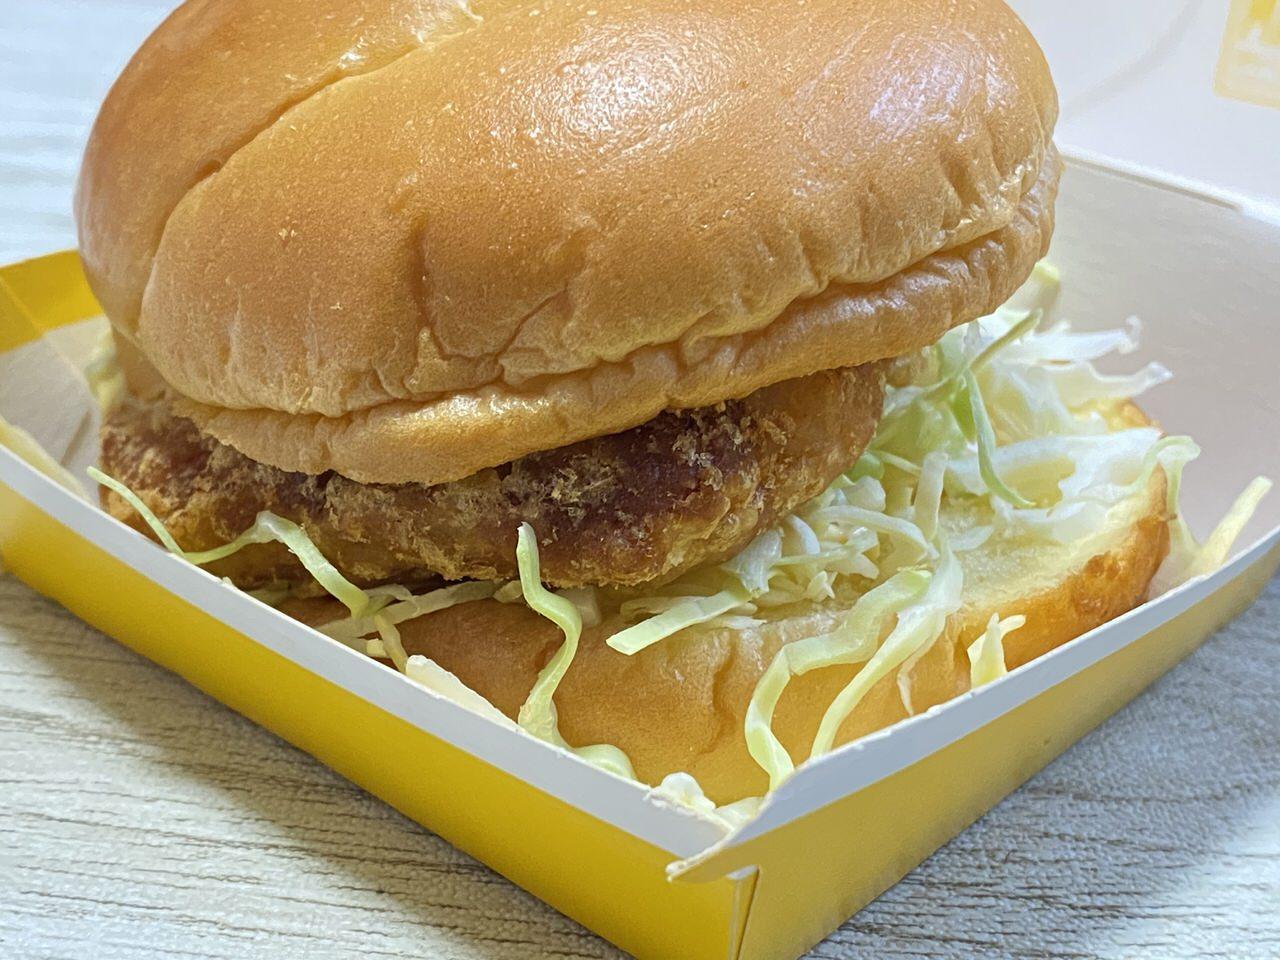 【マクドナルド】爽やかなレモン風味が美味しい「チキンタツタ 瀬戸内レモンタルタル」 6